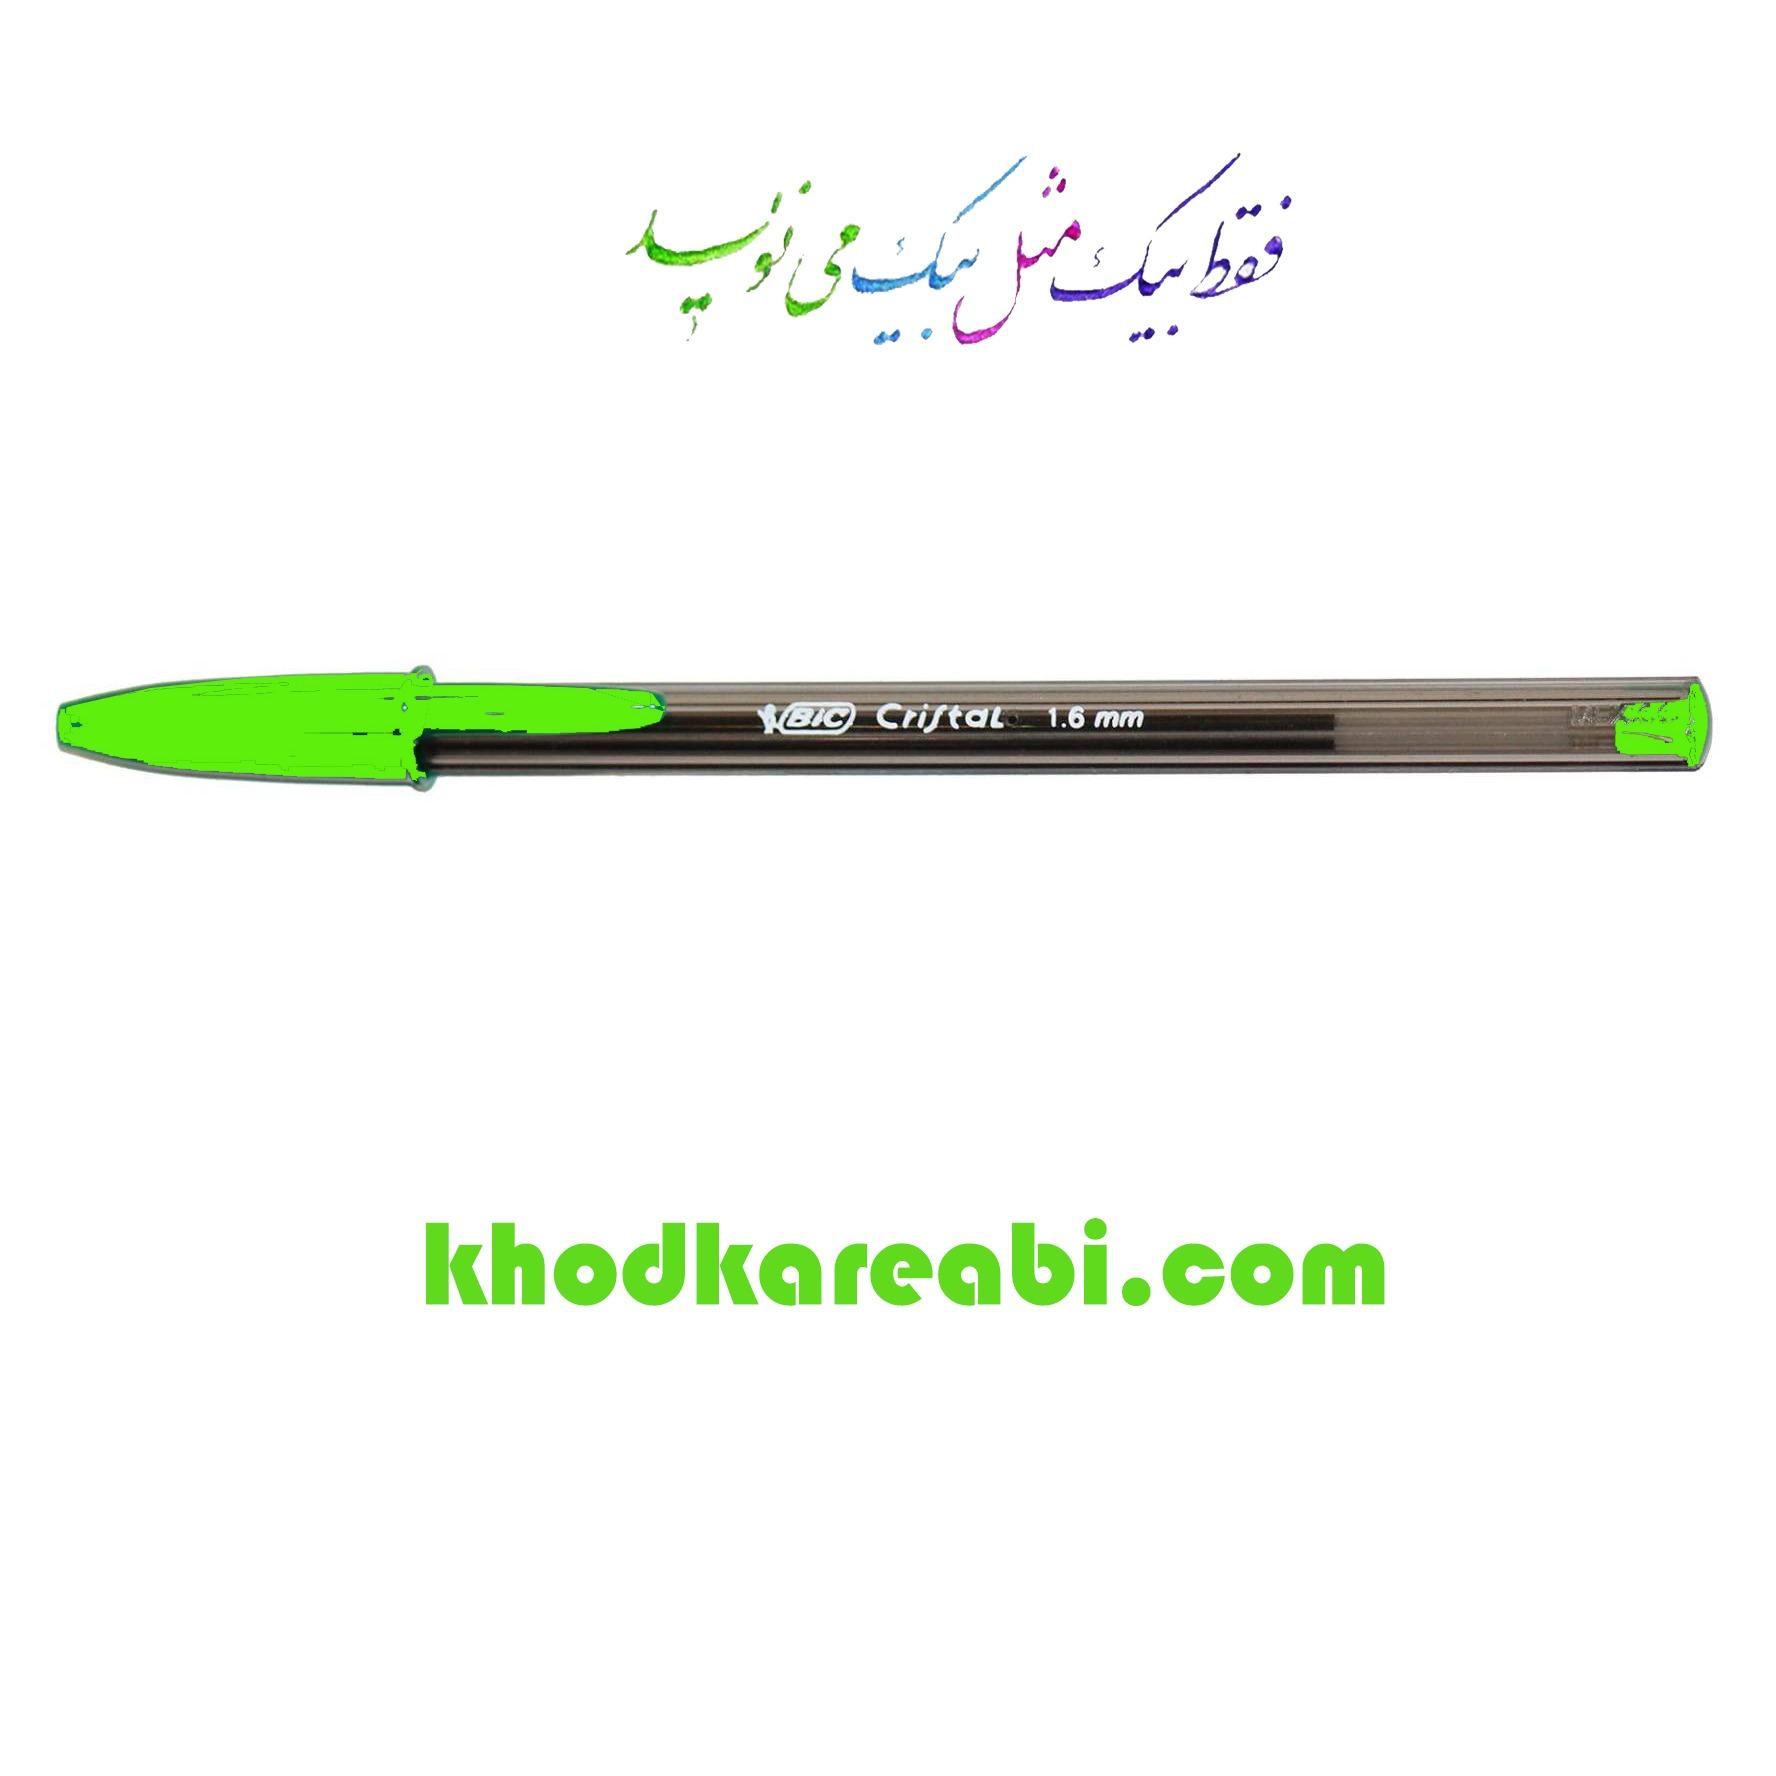 خودکار بیک 1.6 میلیمتر رنگ سبز فسفری